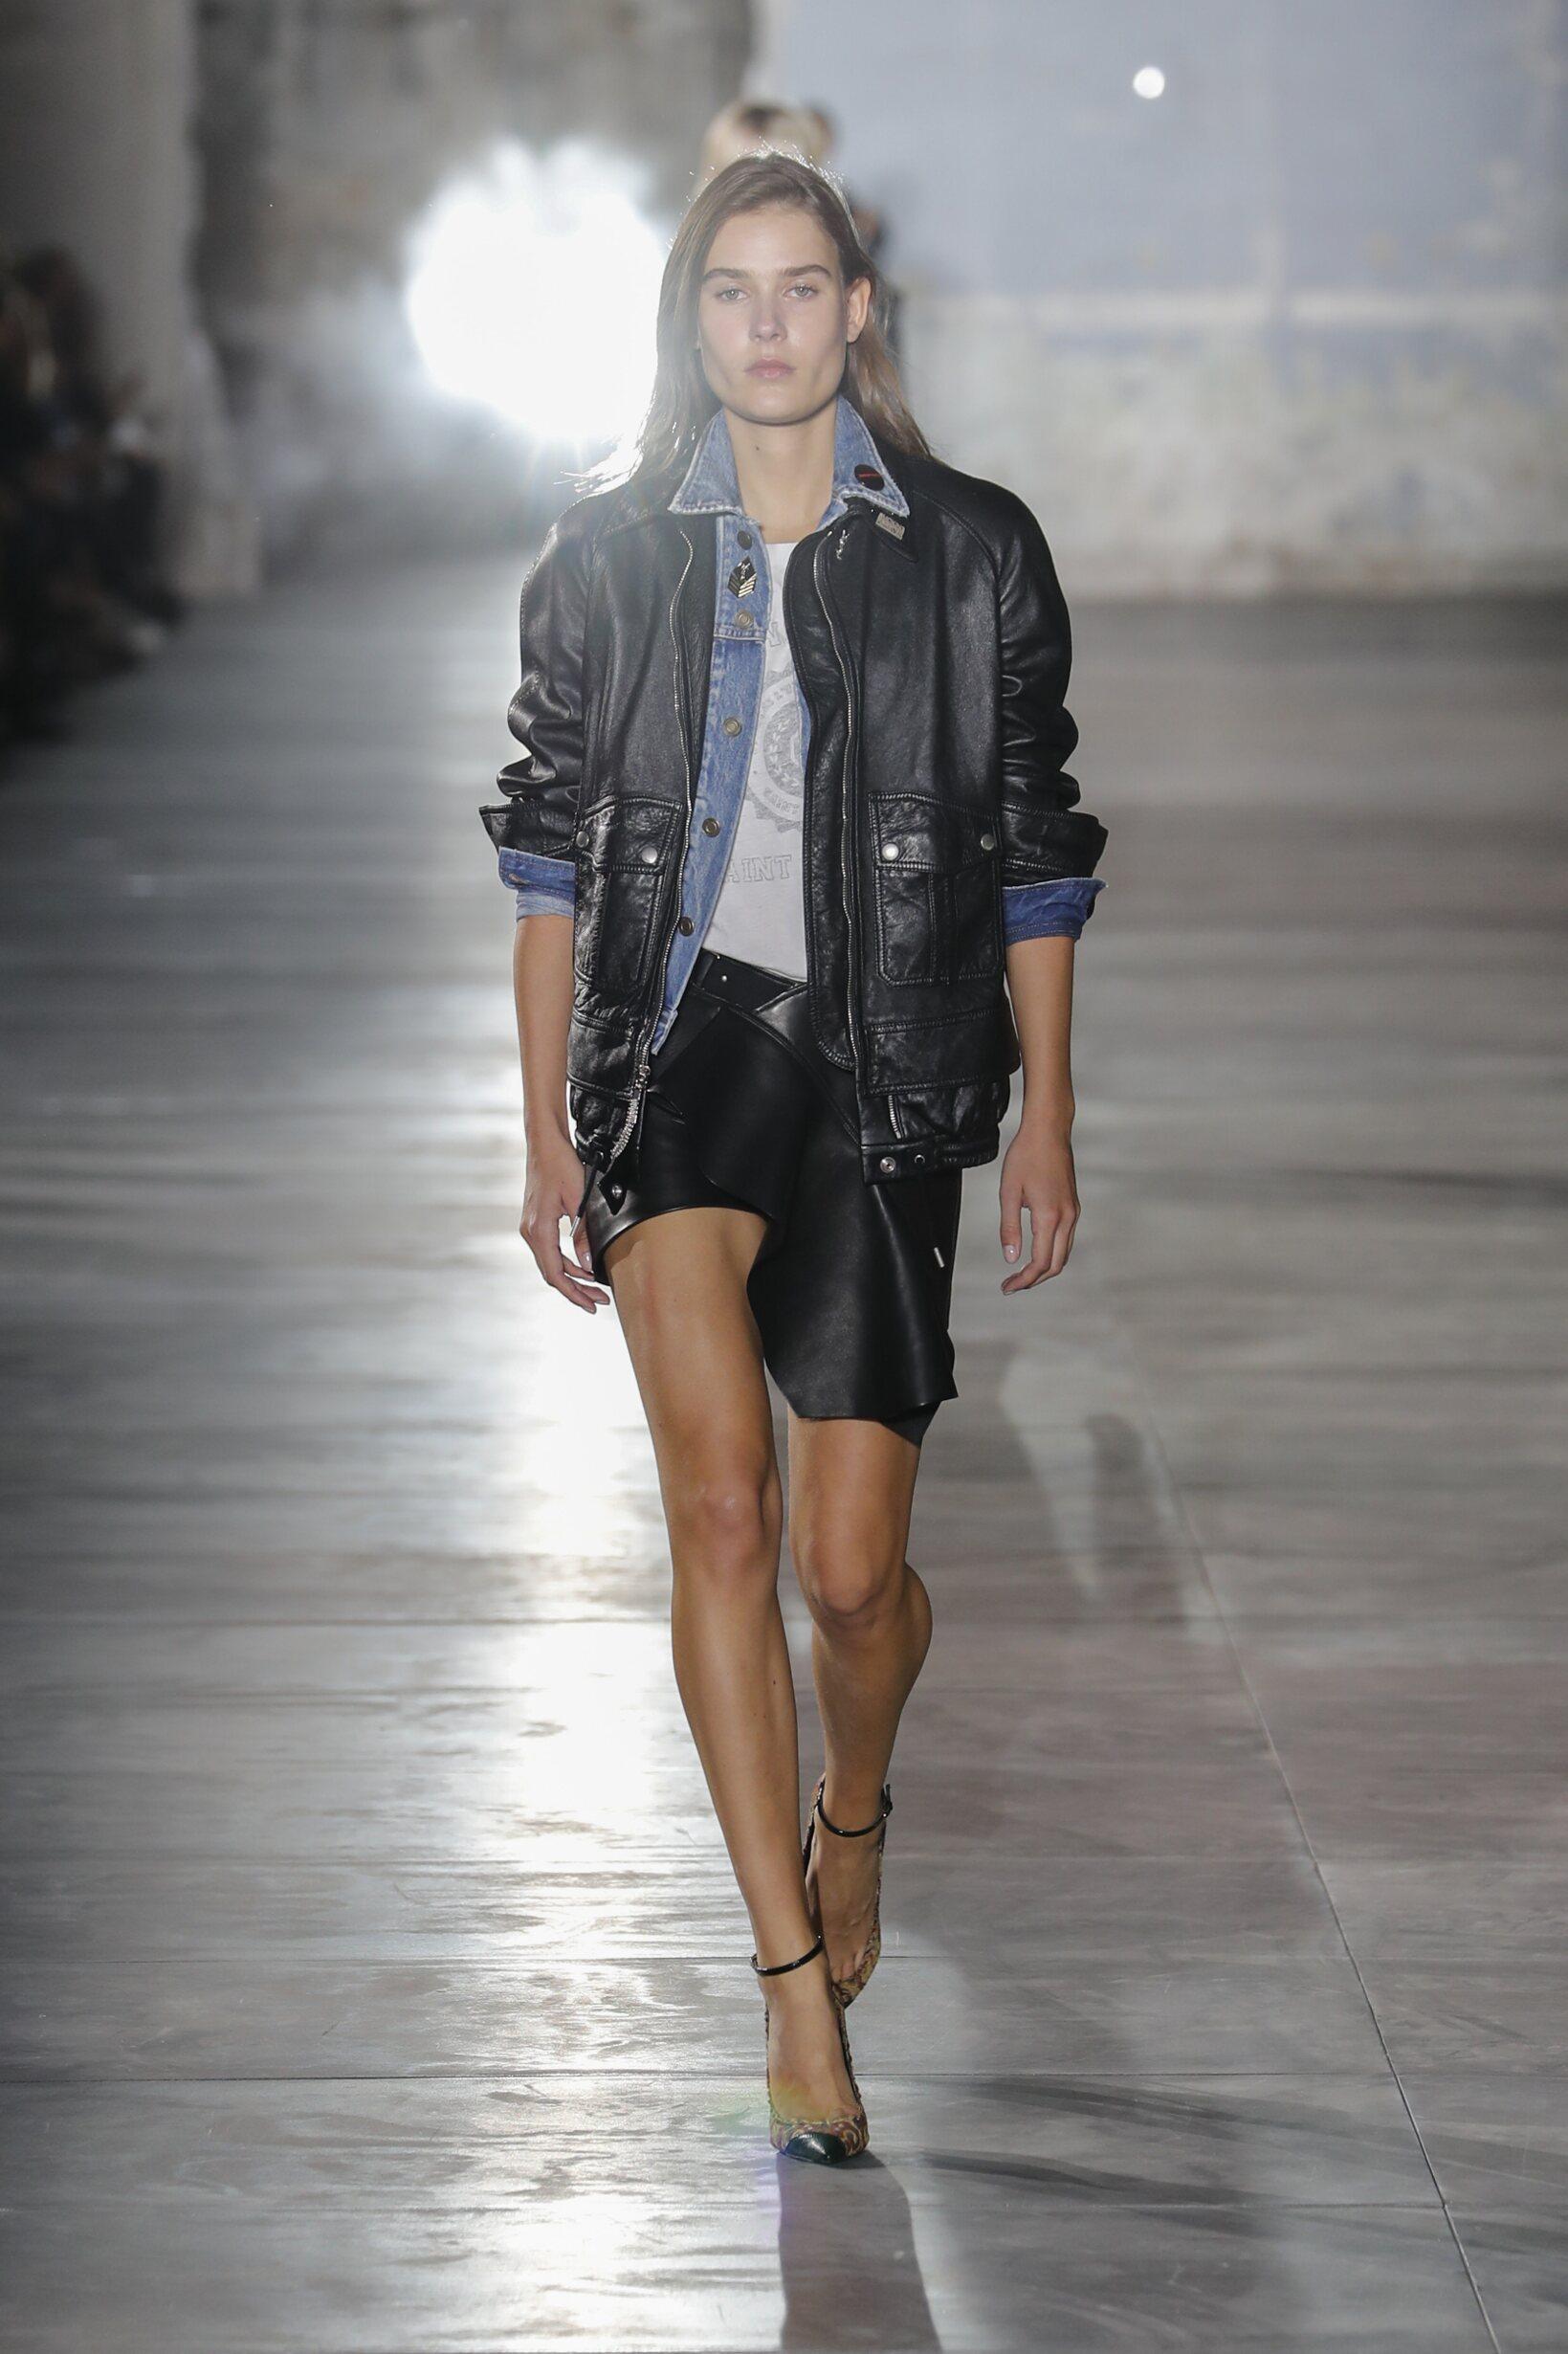 Catwalk Saint Laurent Woman Fashion Show Summer 2017